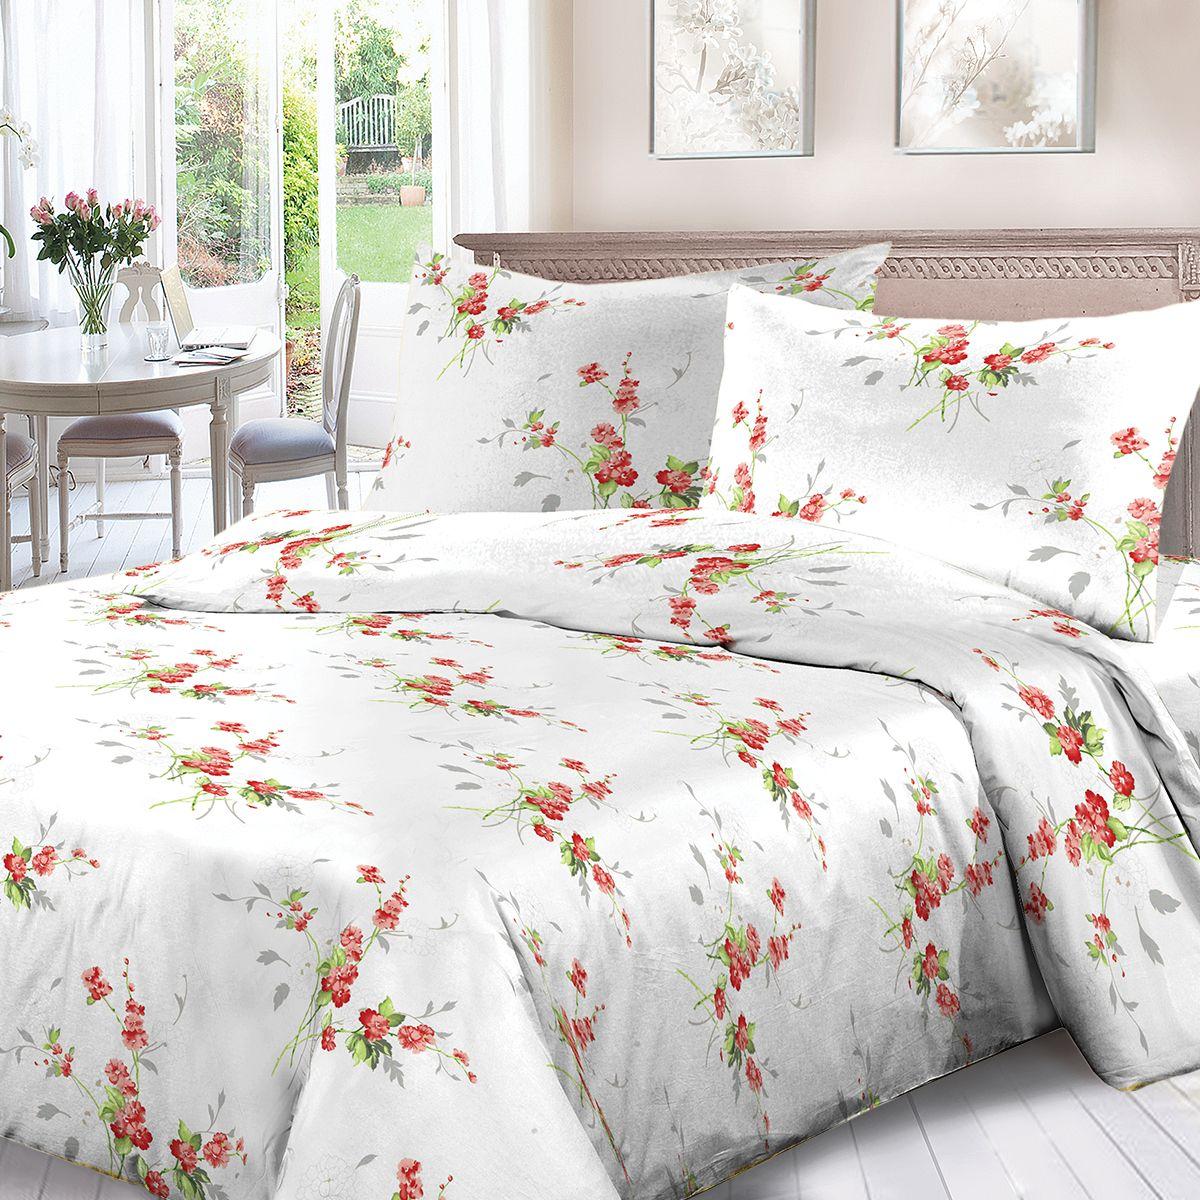 Комплект белья Для Снов Амброзия, 1,5 спальное, наволочки 70x70, цвет: белый. 1536-287327